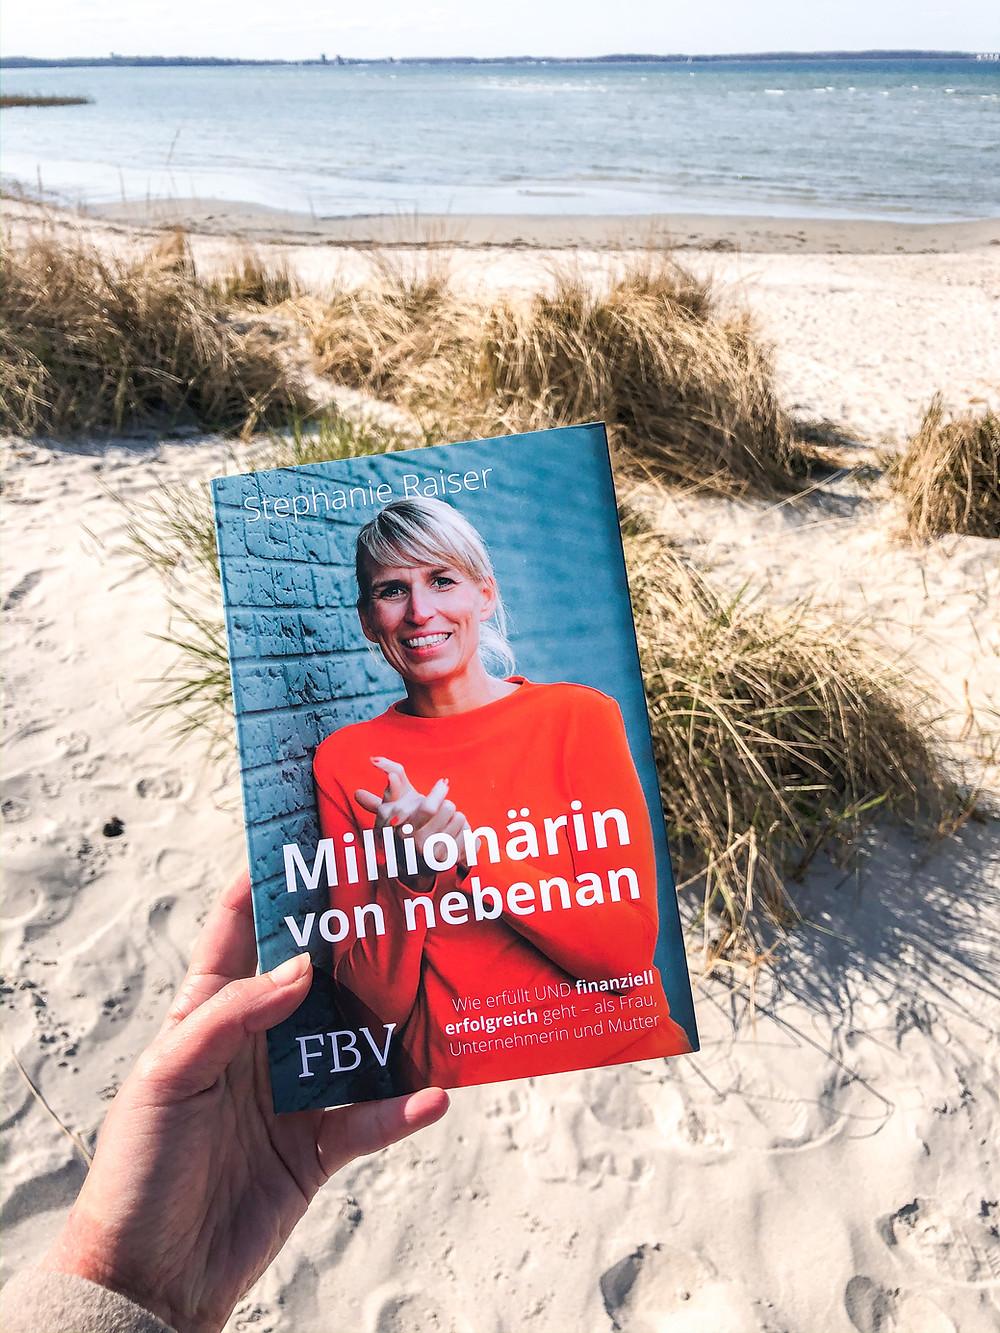 In Millionärin von Nebenan erklärt Stephanie Raiser wie sie es als Frau und Mutter geschafft hat, von einem schlecht bezahlten Heilpraktiker-Job zur Multimillionärin zu werden und das innerhalb von nur 2 Jahren.